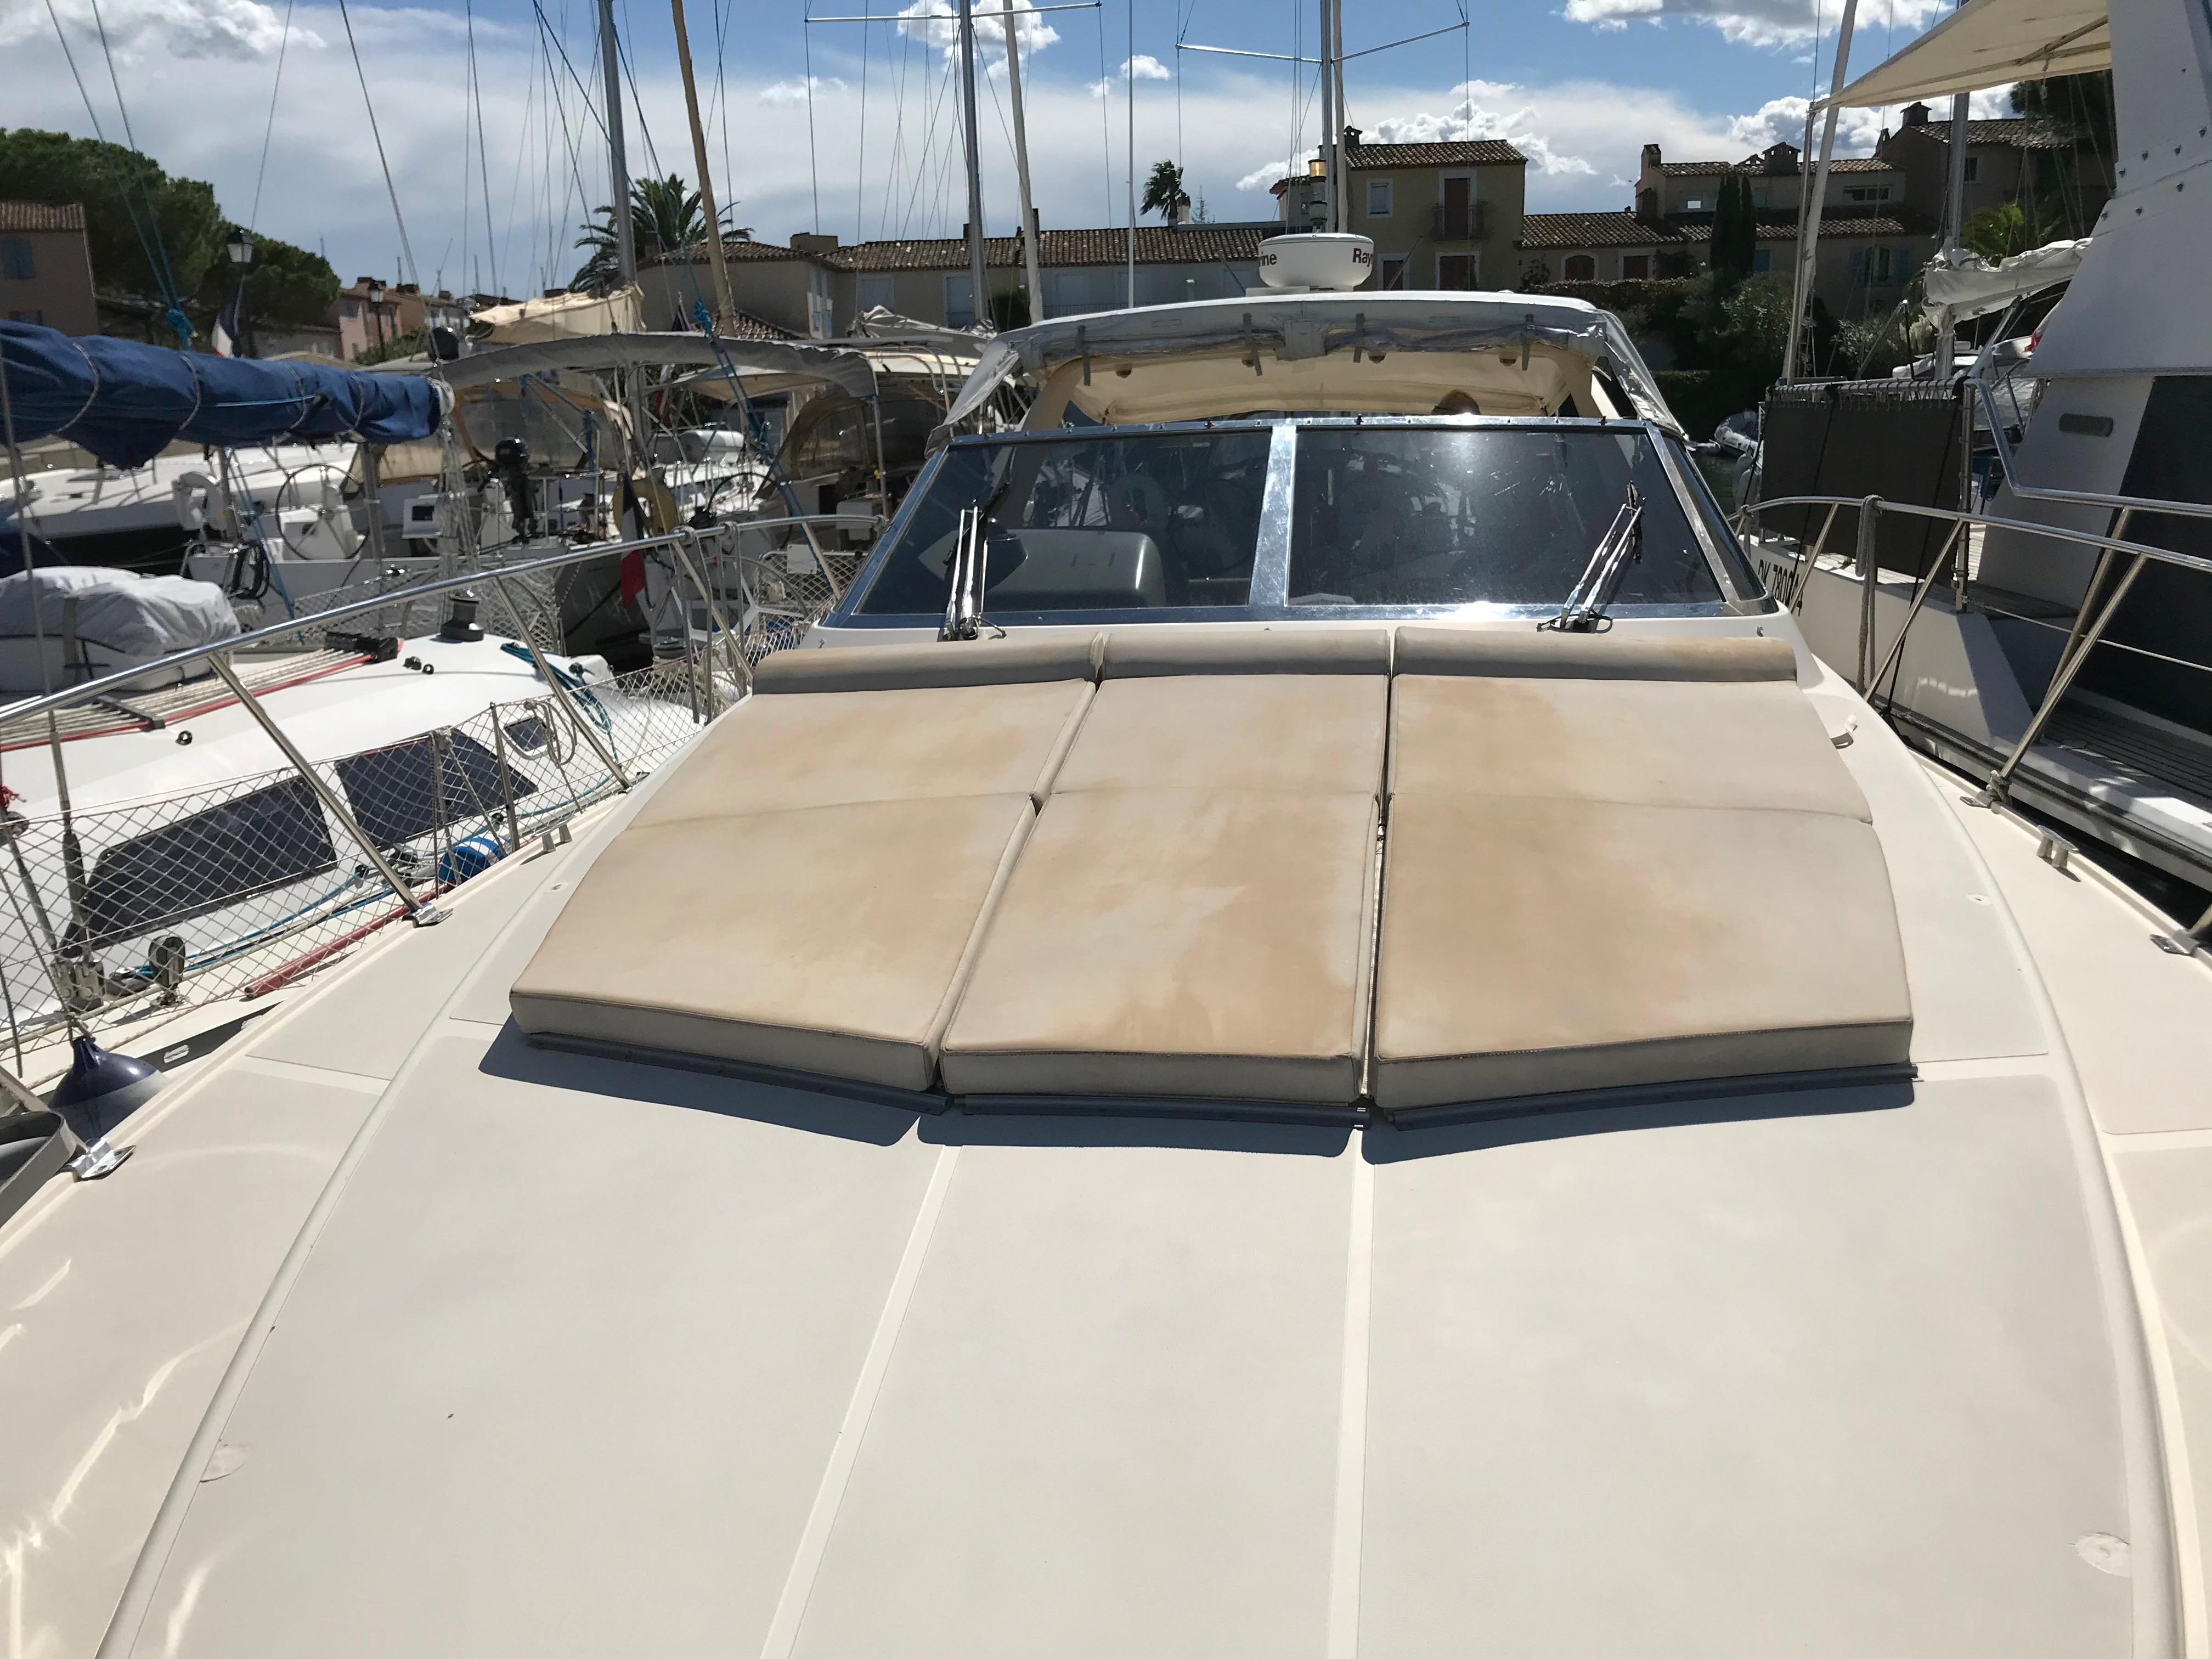 Classic Riva Tropicana 43